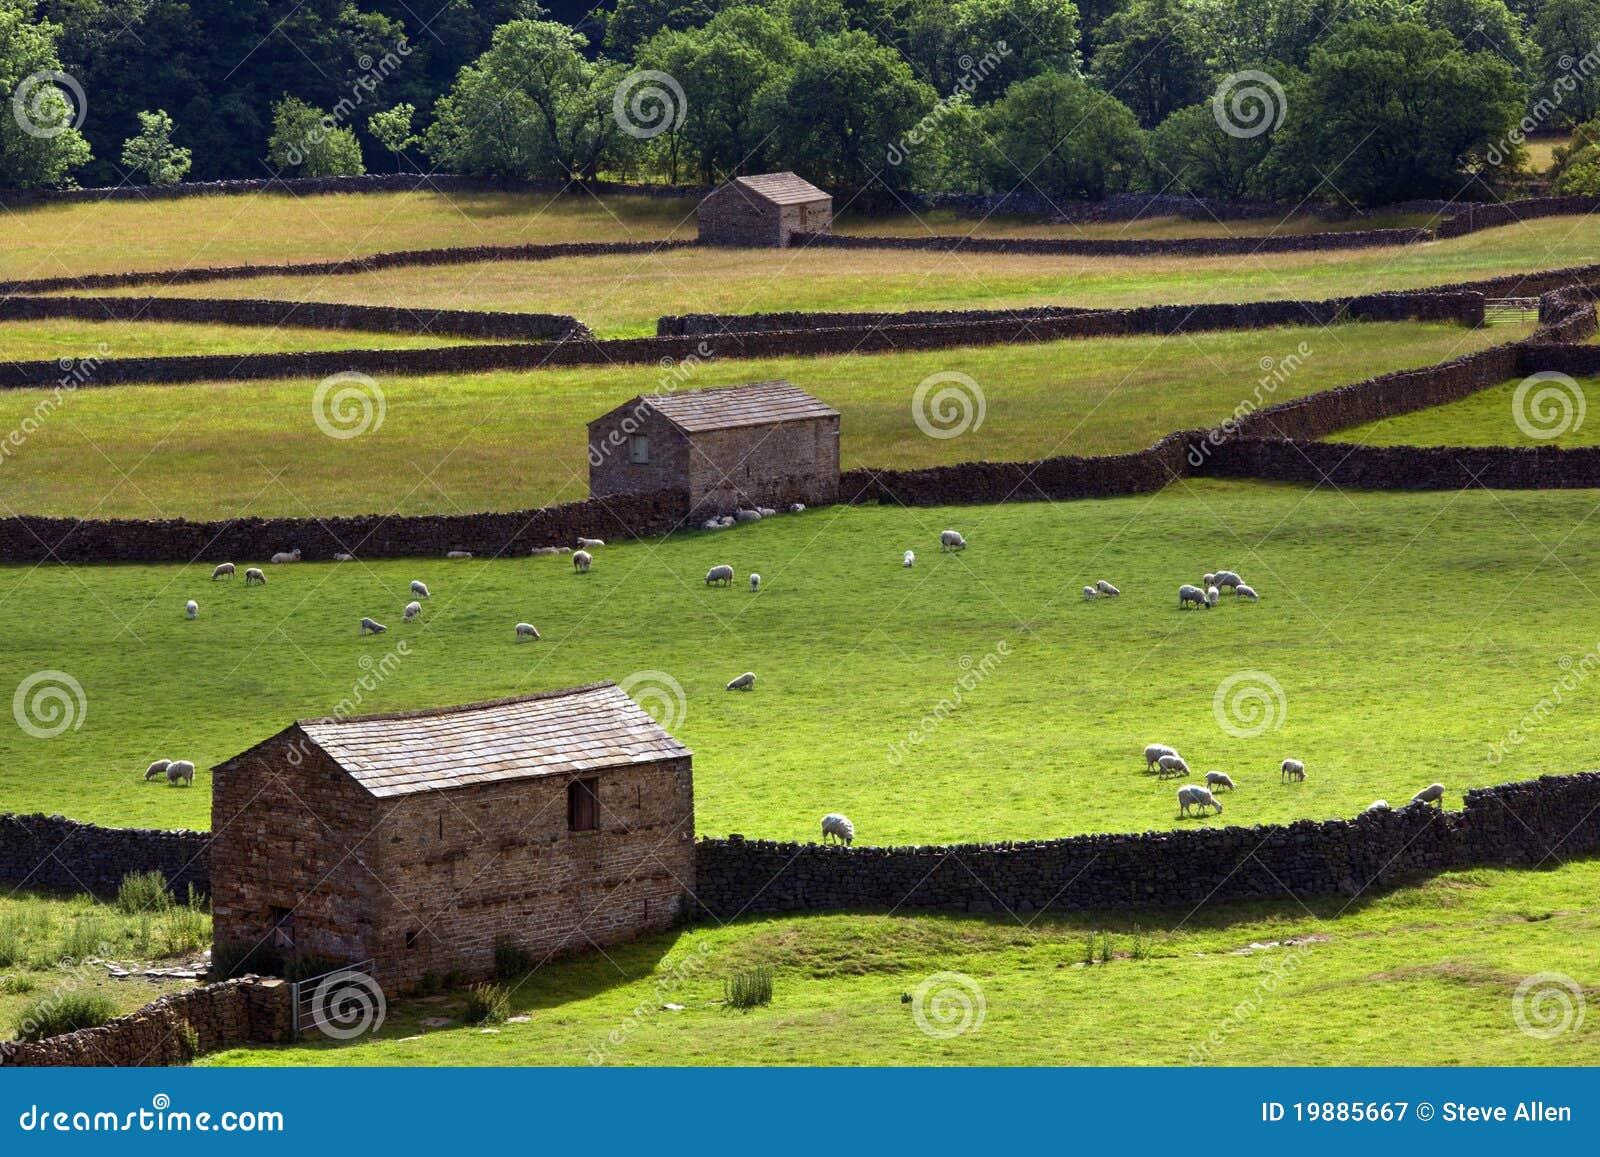 Yorkshire Dales Farmland - England